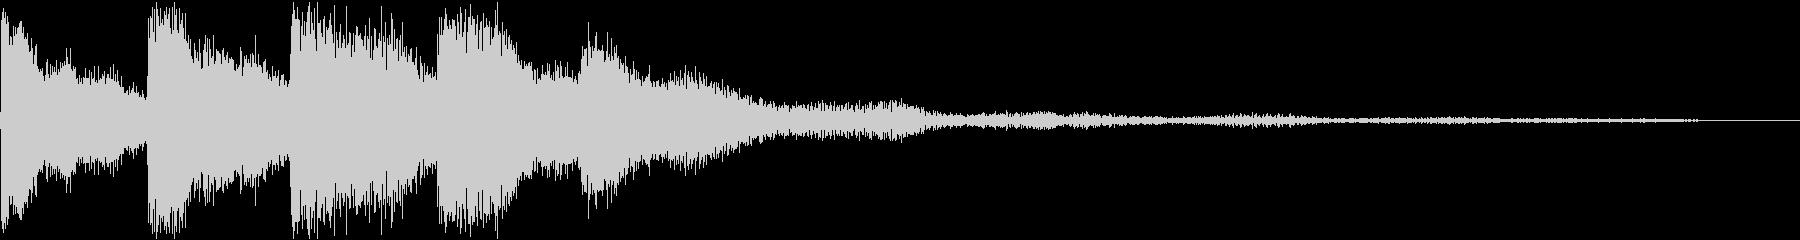 ピロリロ(決定音・ボタン音)の未再生の波形